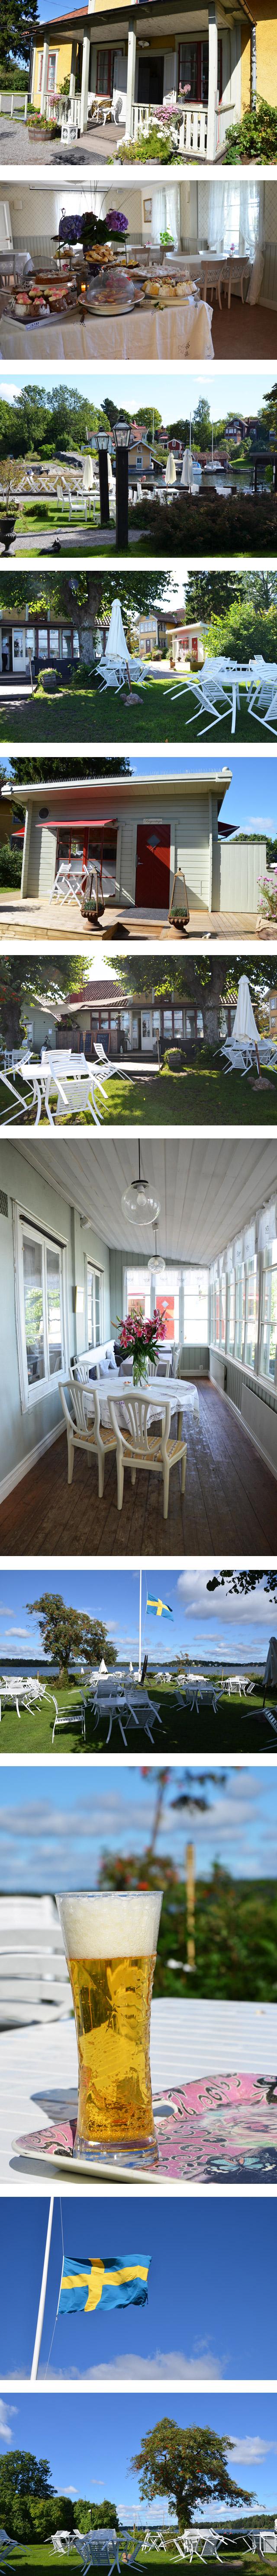 Salon de thé Vaxholm - Vaxholms Hembygdsgård Café